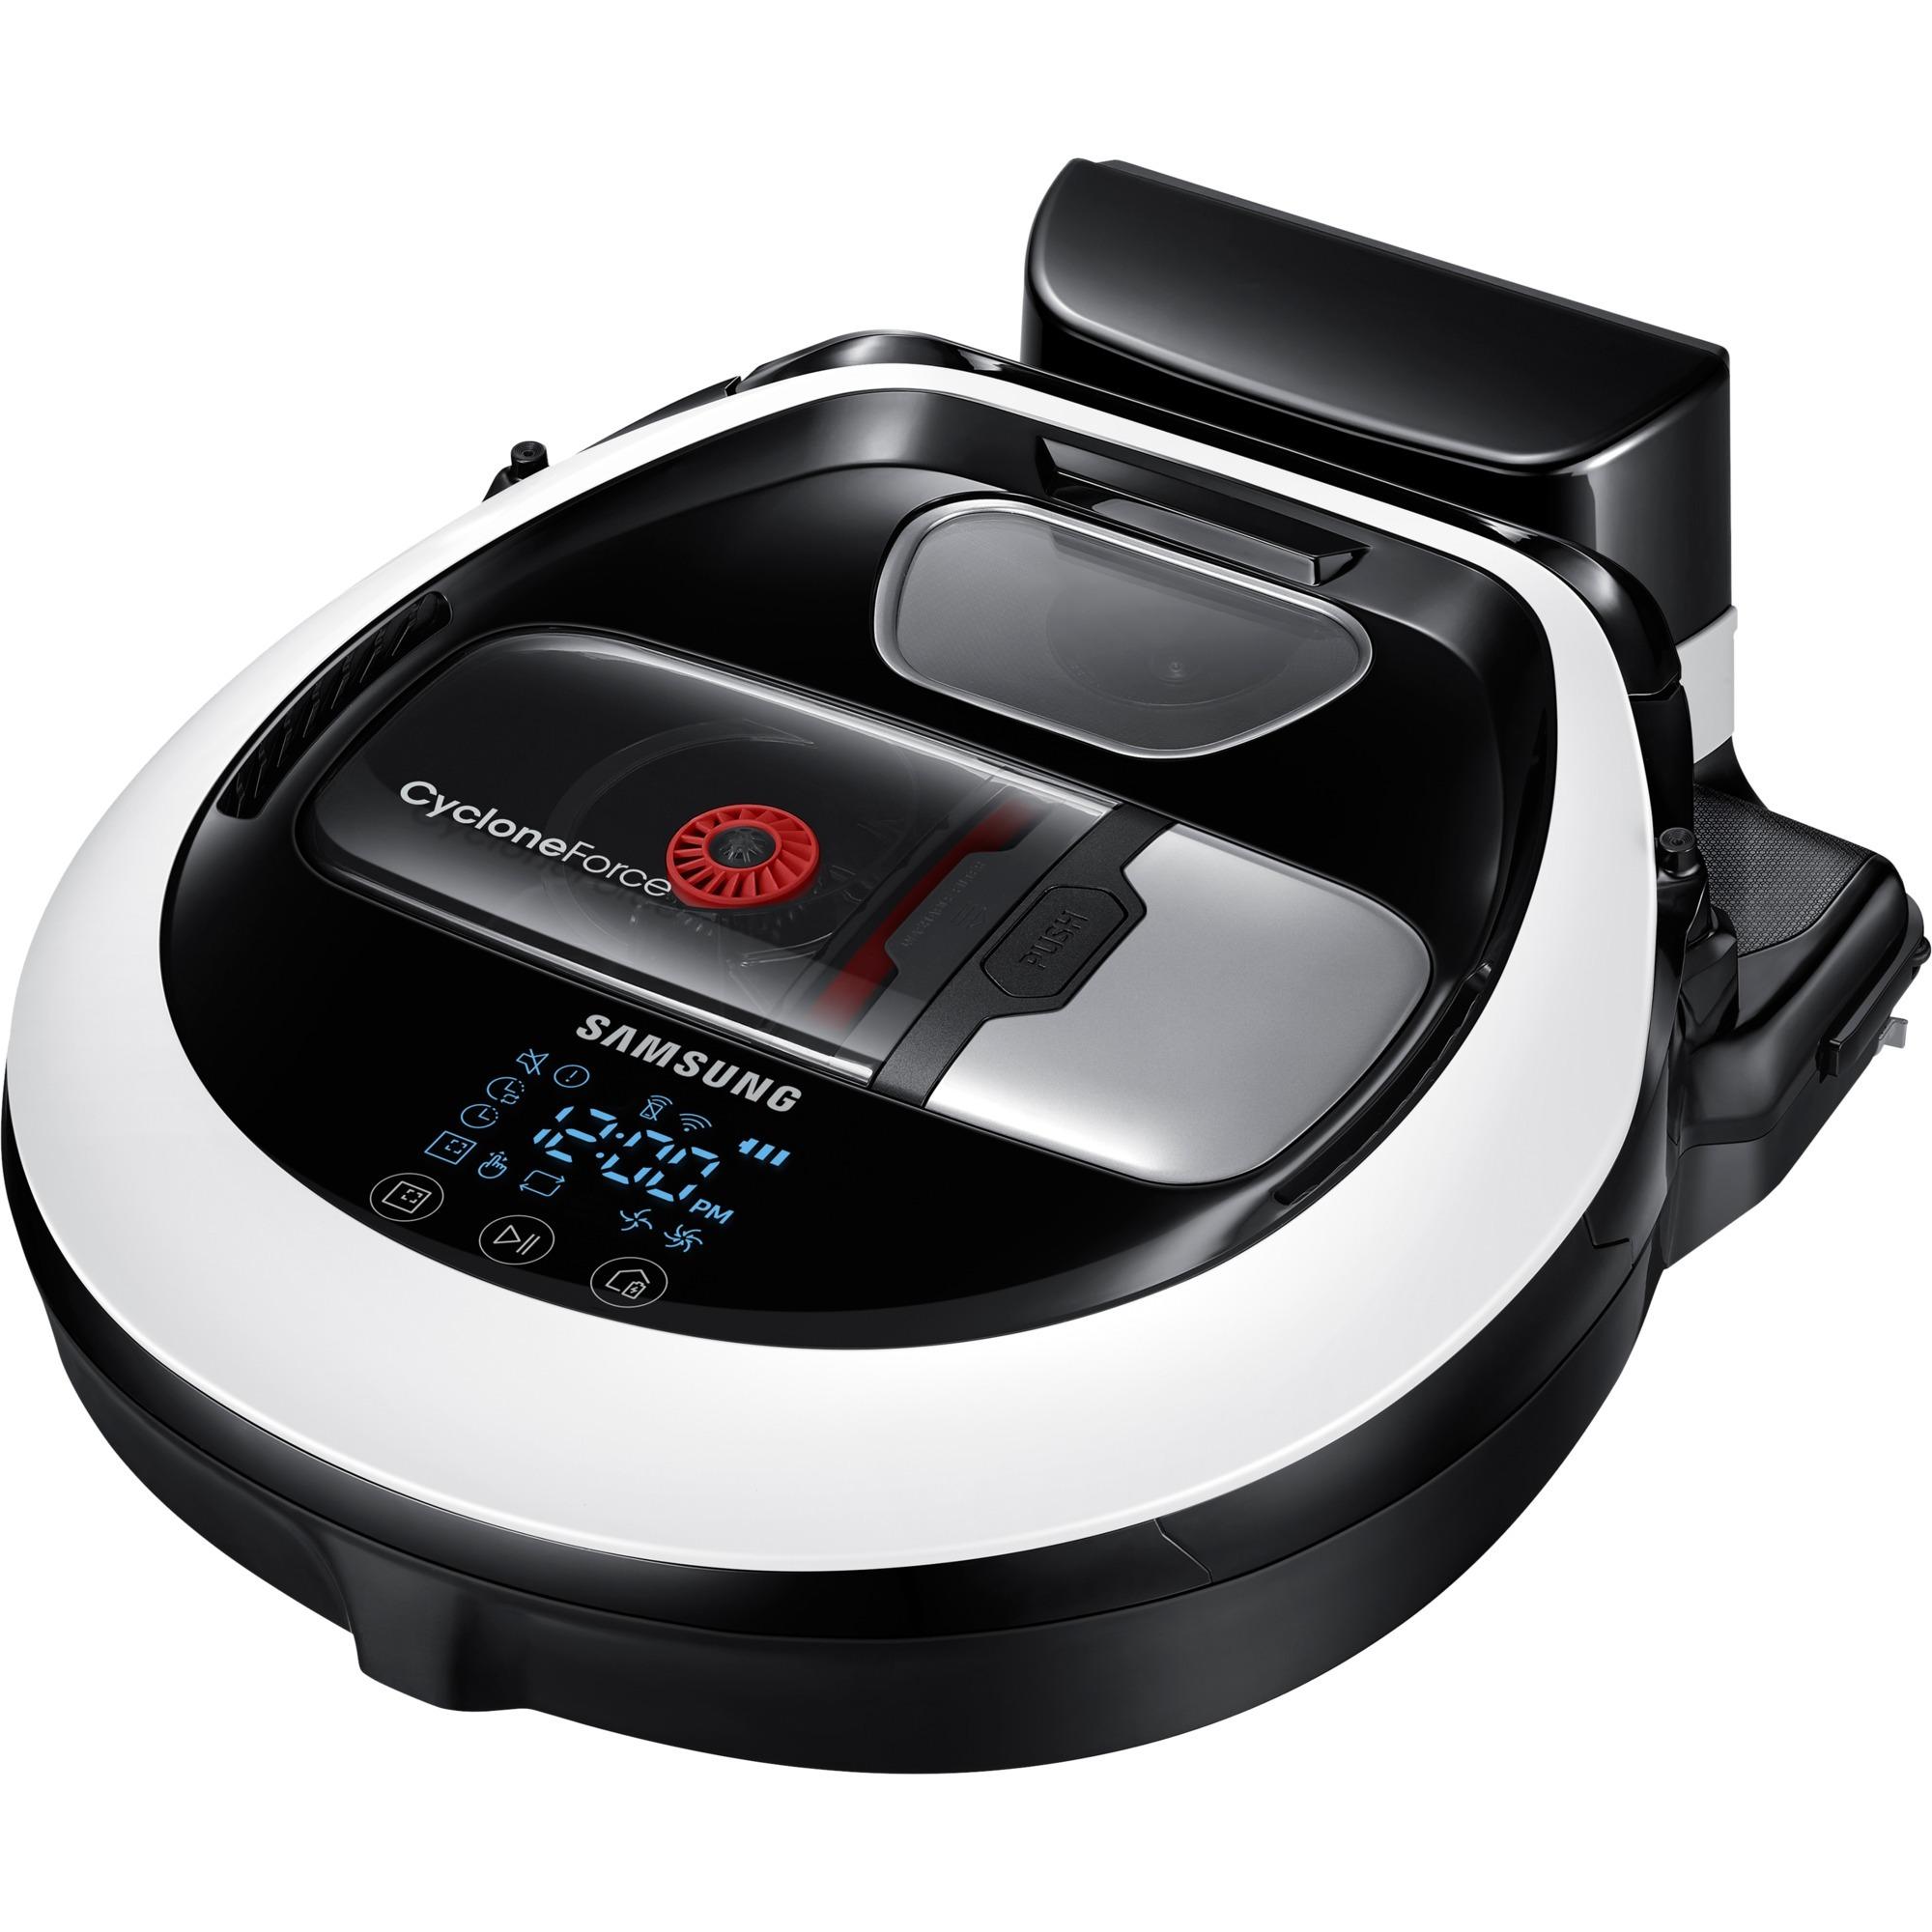 VR1GM7030WW aspiradora robotizada, Robot aspirador